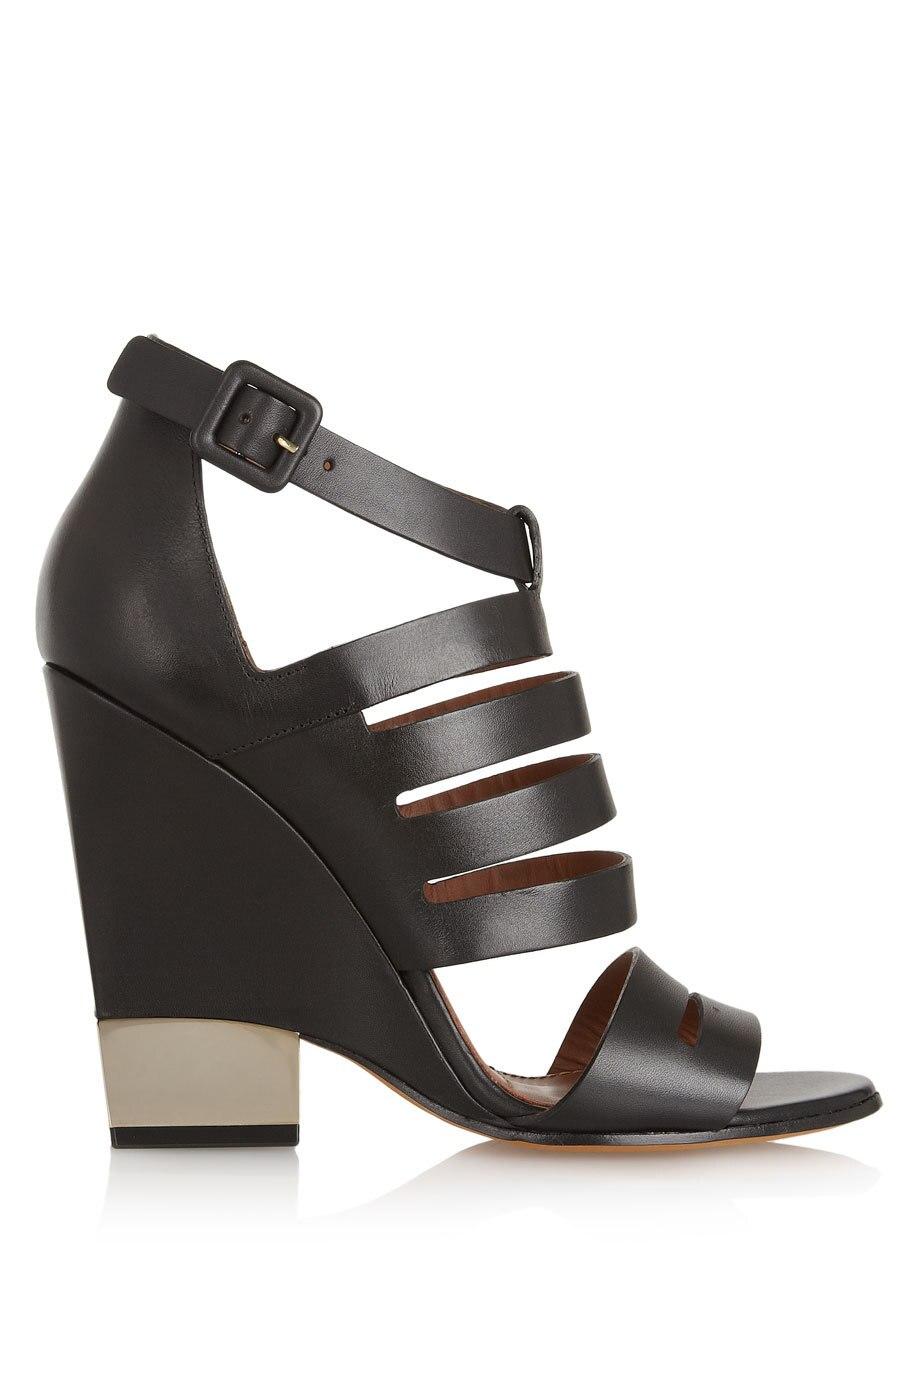 Popular Black Medium Heel Pumps-Buy Cheap Black Medium Heel Pumps ...